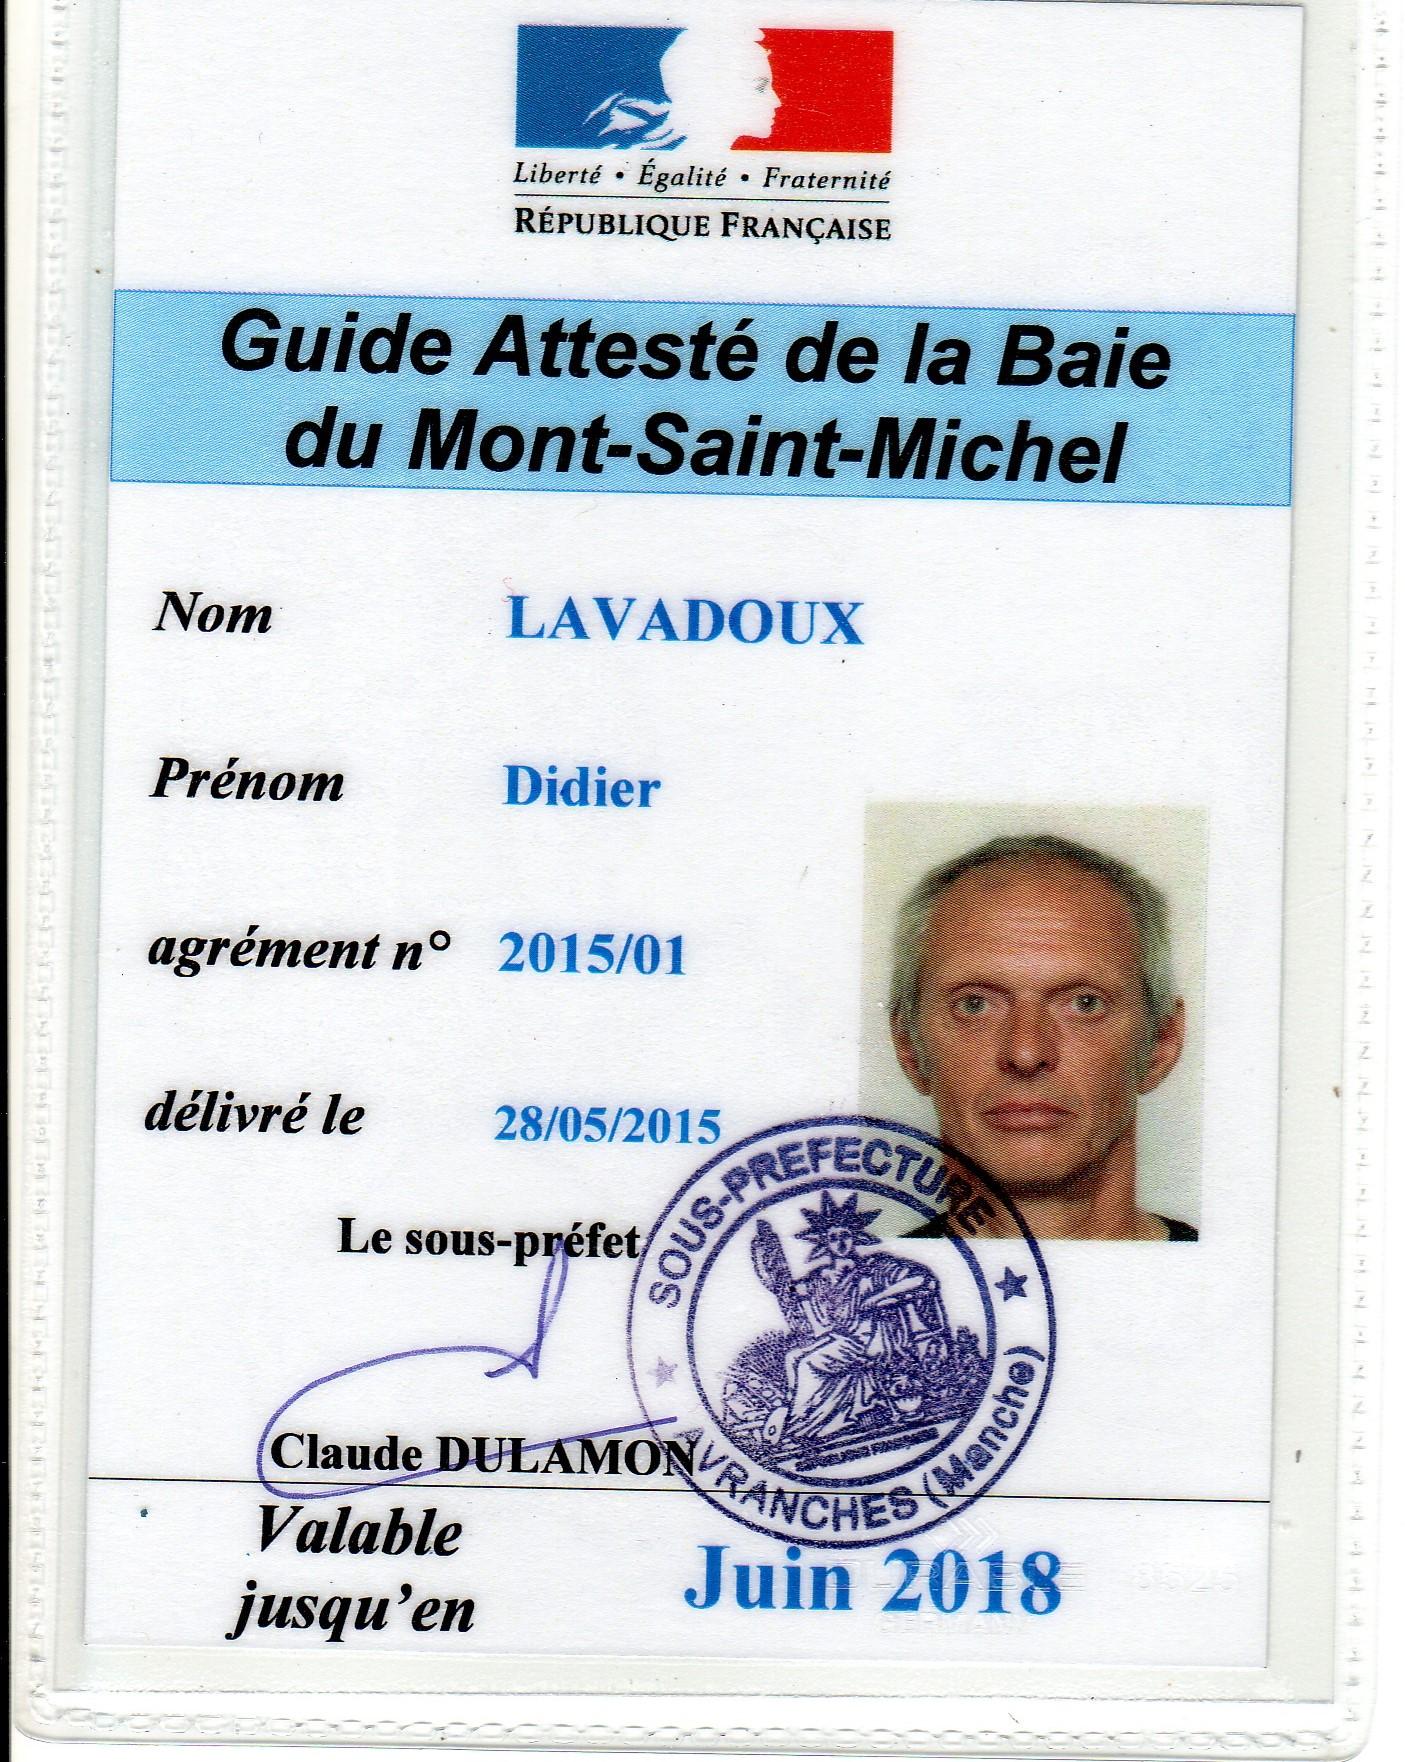 guide de la baie mont saint michel